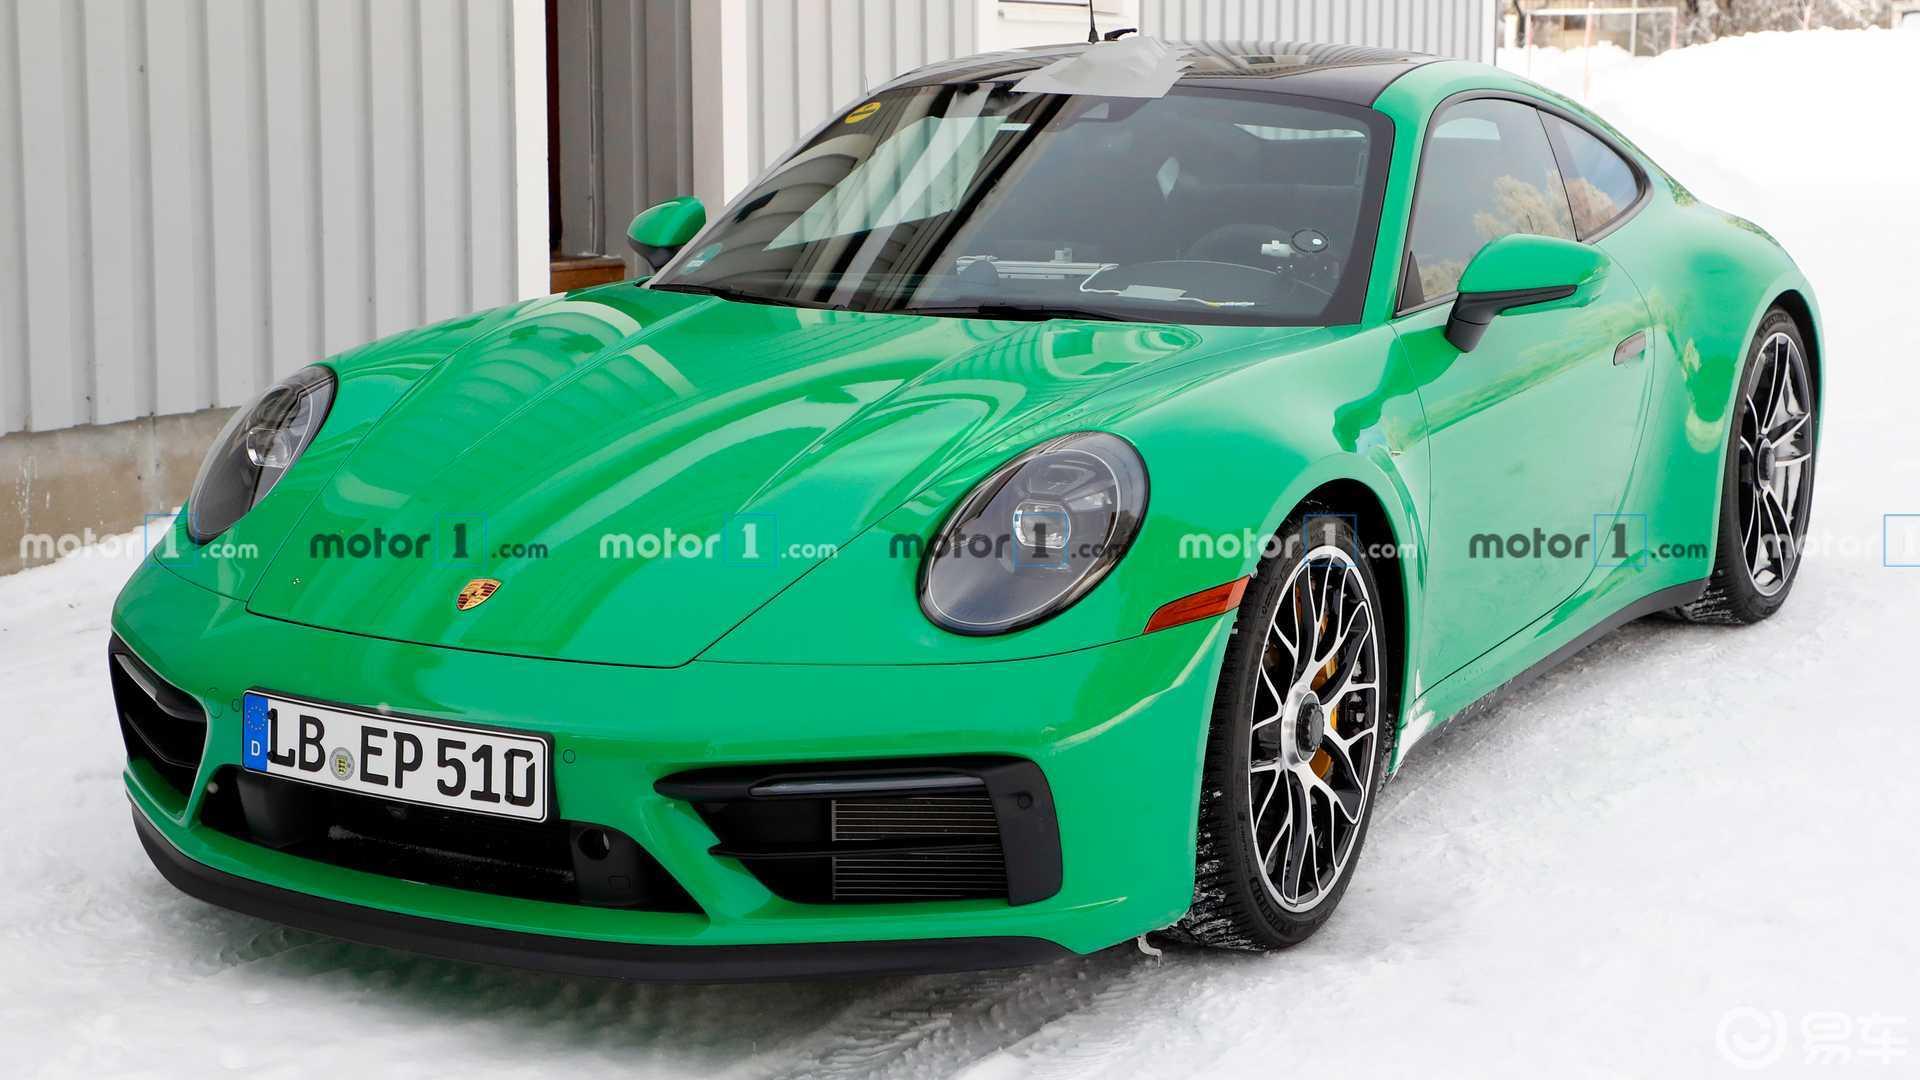 外观靓丽性能强劲,全新一代保时捷911 GTS实拍图曝光